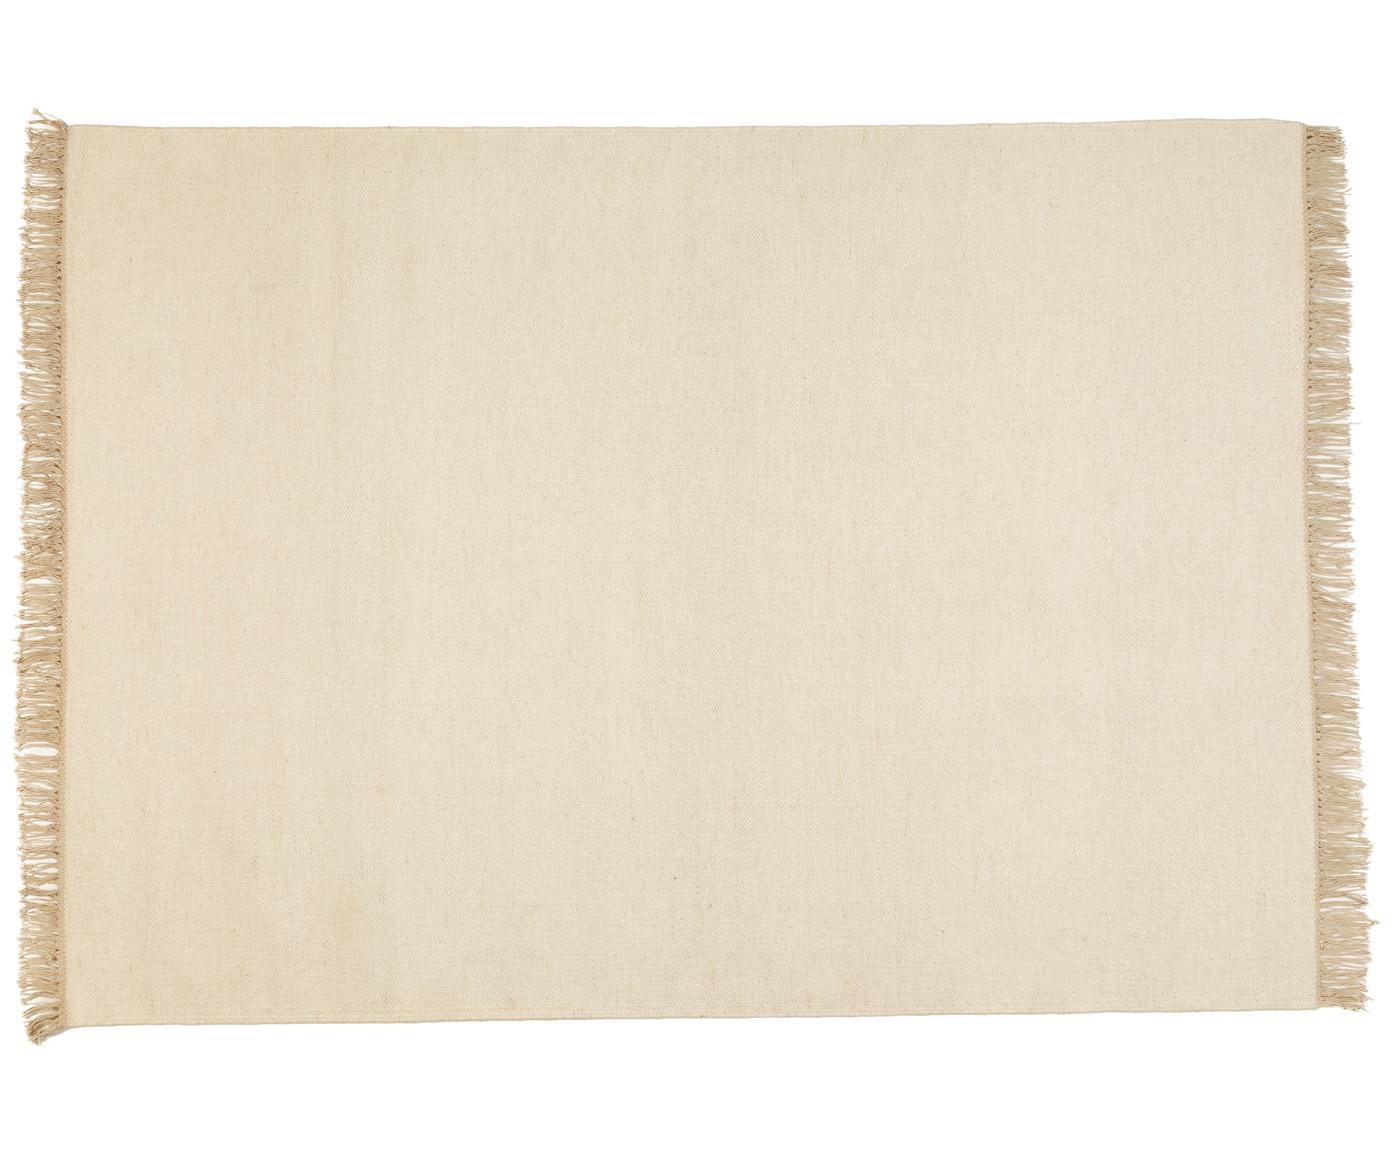 Alfombra artesanal de lana Rainbow, Blanco natural, An 140 x L 200 cm (Tamaño S)